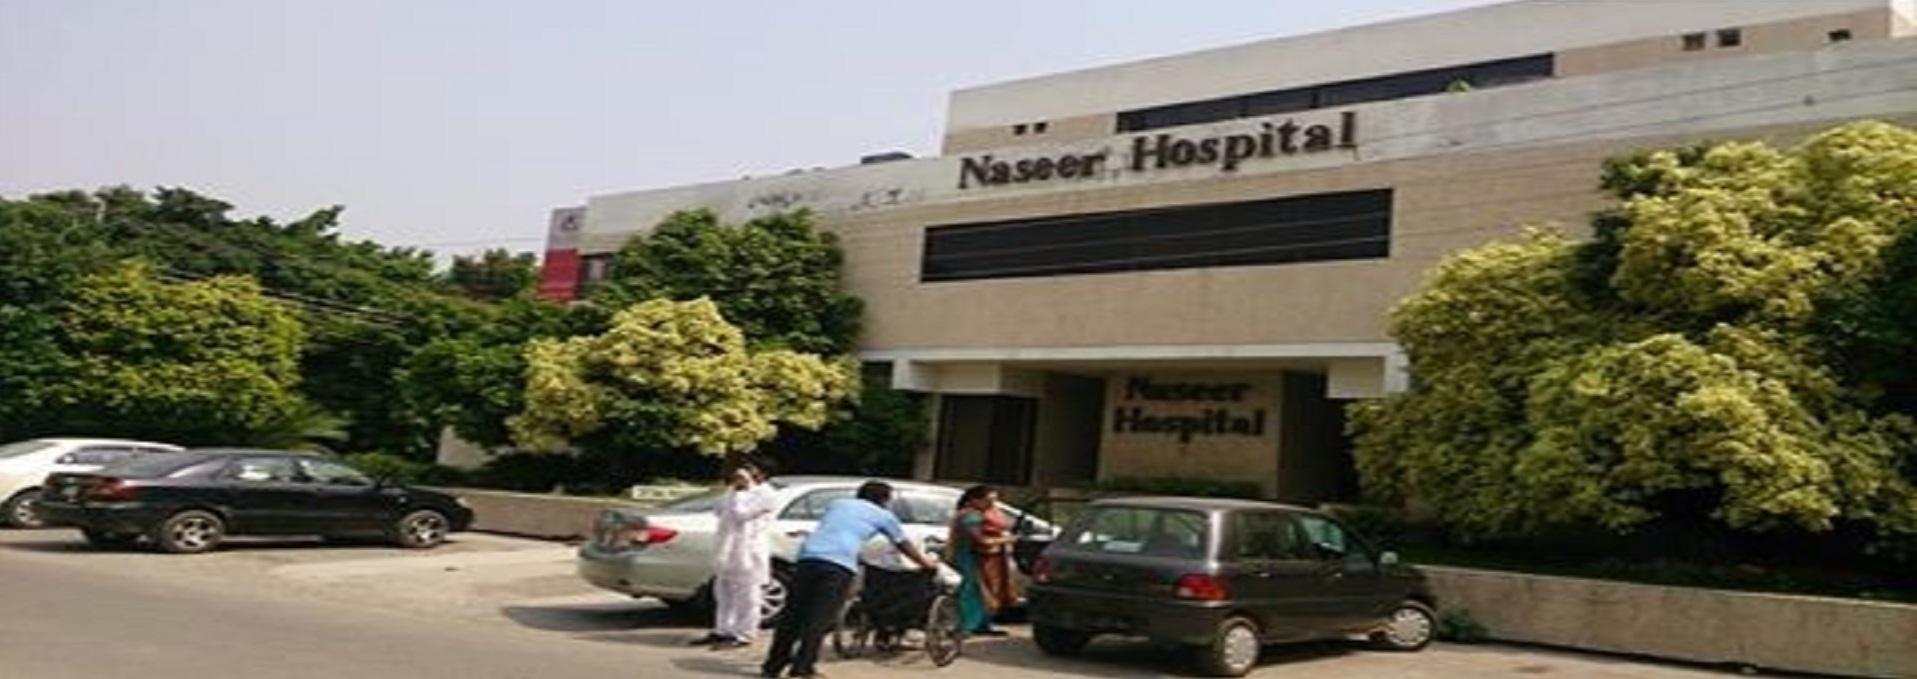 Naseer hospital front